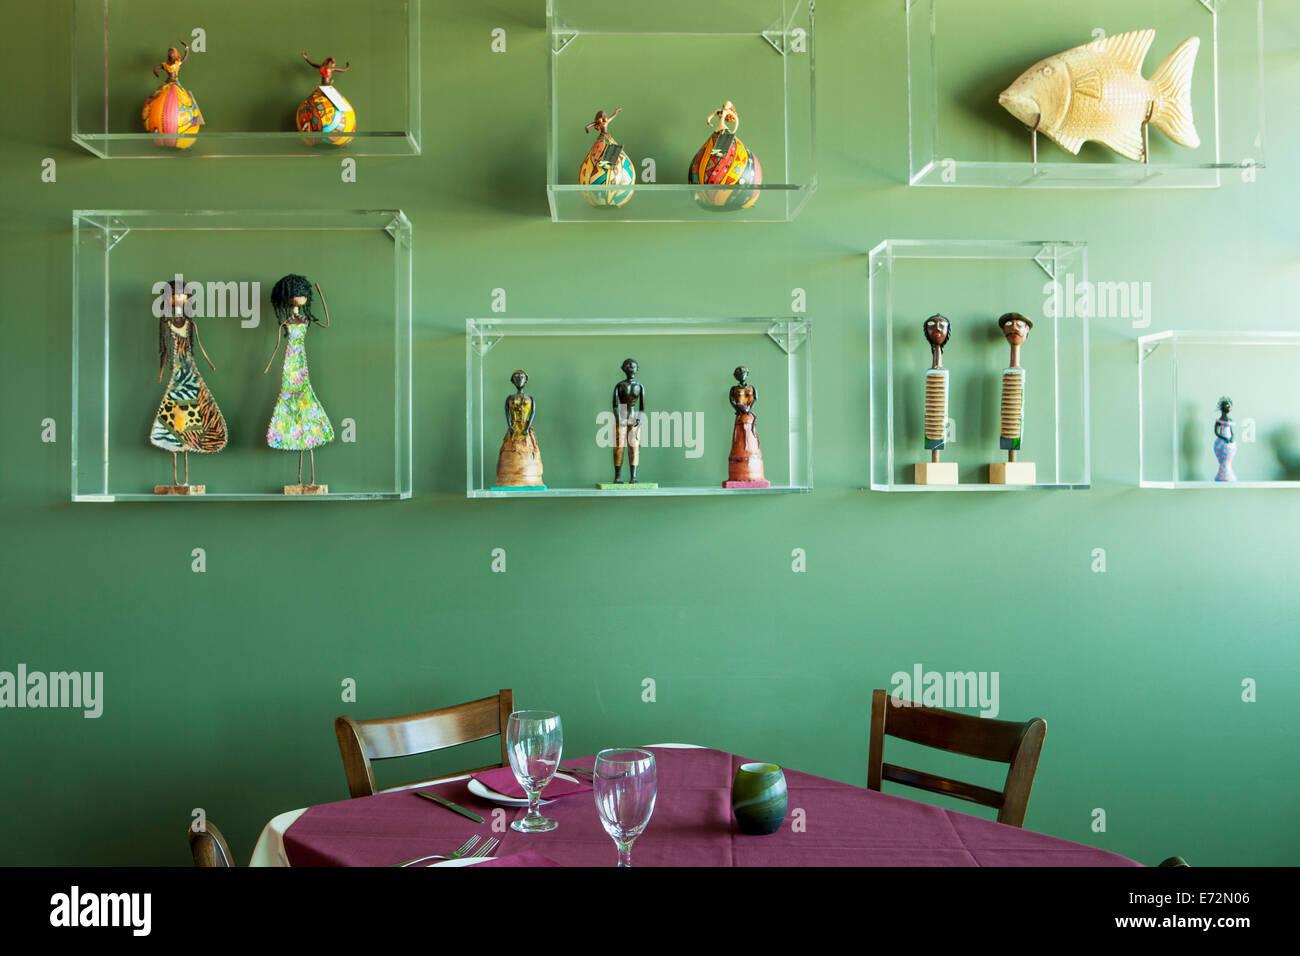 Groß Die Küche Oxnard Zeitgenössisch - Ideen Für Die Küche ...